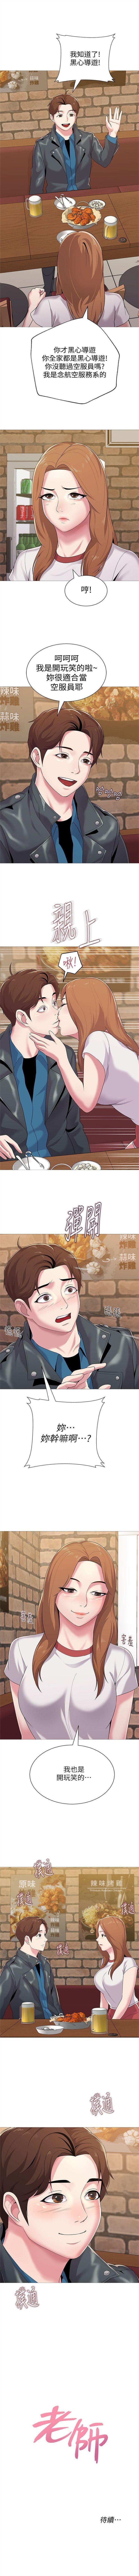 (周3)老师 1-56 中文翻译(更新中) 174